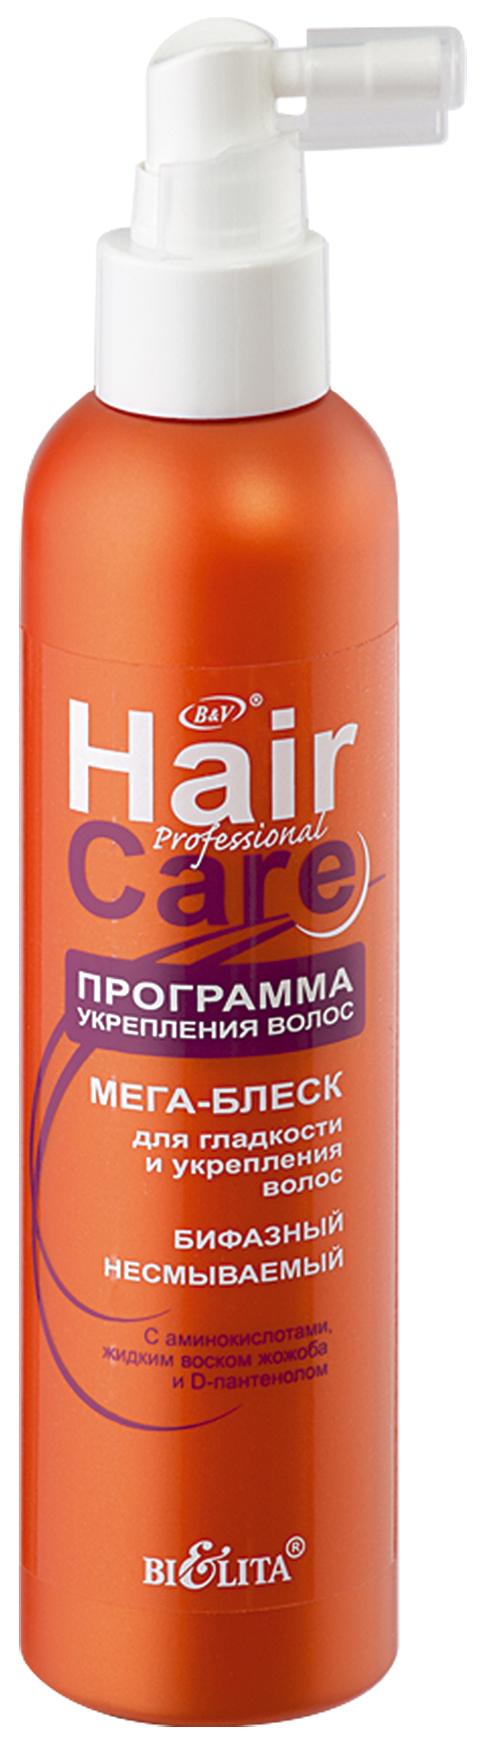 Спрей для волос Белита Программа укрепления волос МЕГА-БЛЕСК 200 мл